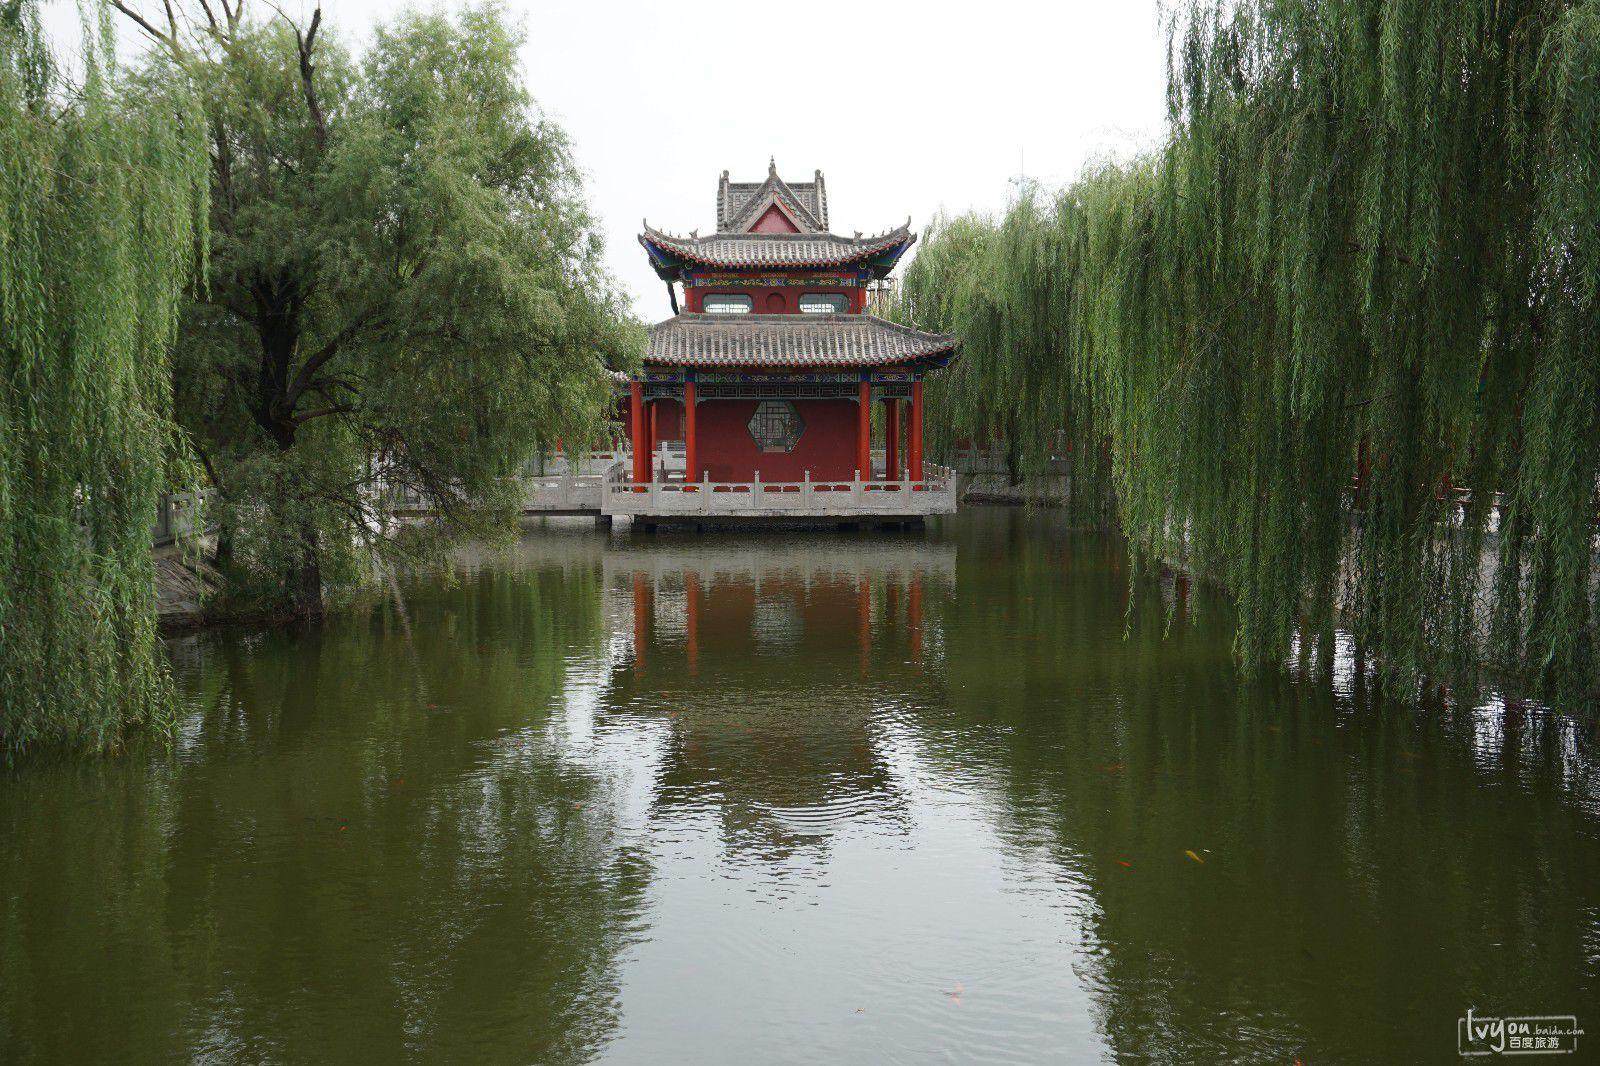 京娘湖<a href=http://www.huaxiacaixun.com/Trave/ target=_blank class=infotextkey>旅游</a>攻略图片8